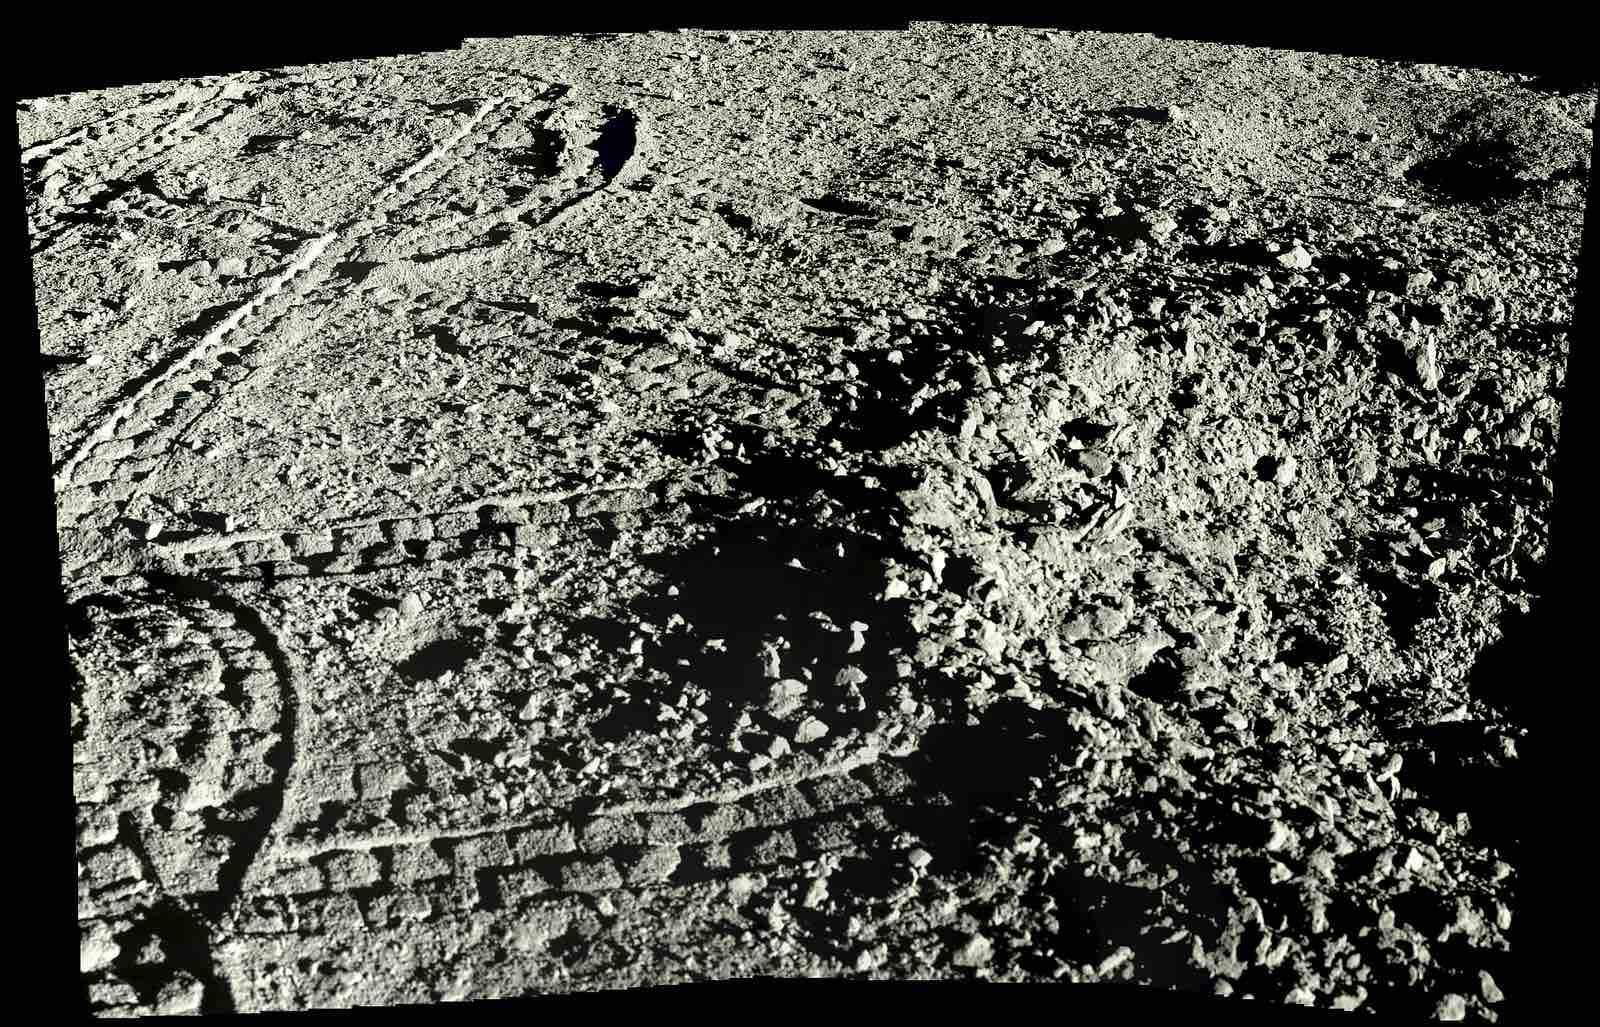 Луна - спутник Земли всегда повернута только одной стороной